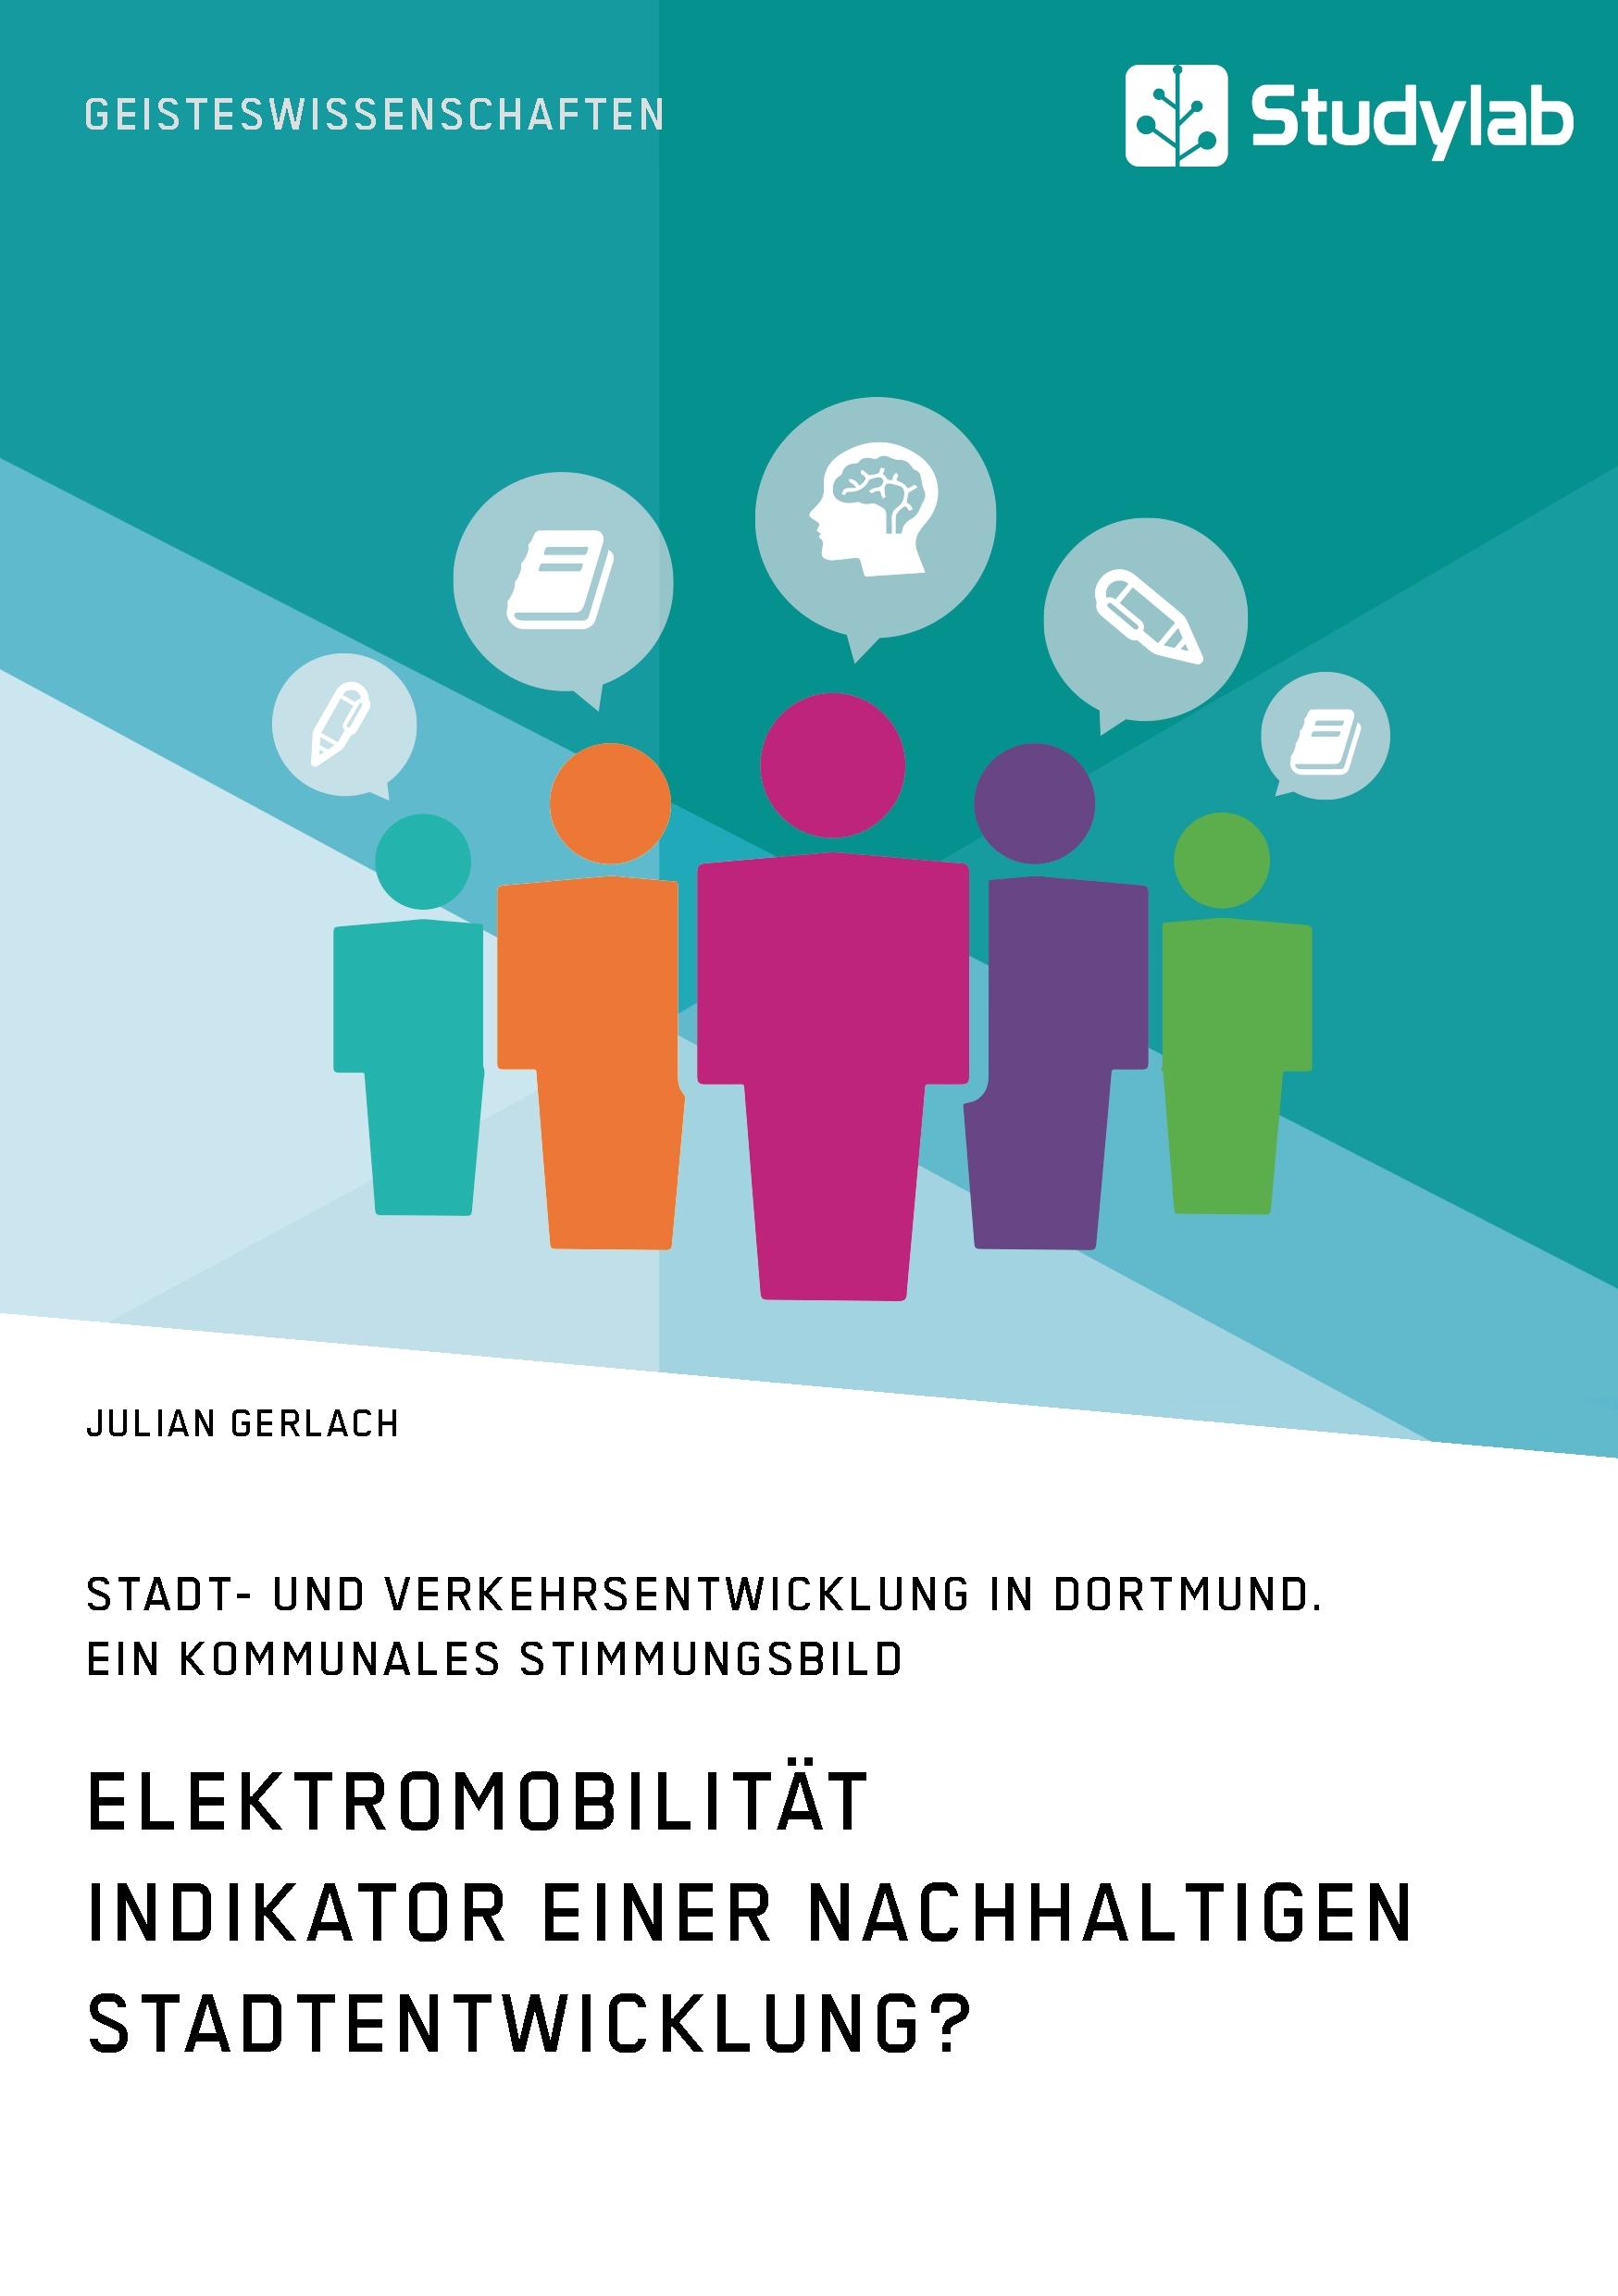 Elektromobilität: Indikator einer nachhaltigen Stadtentwicklung?